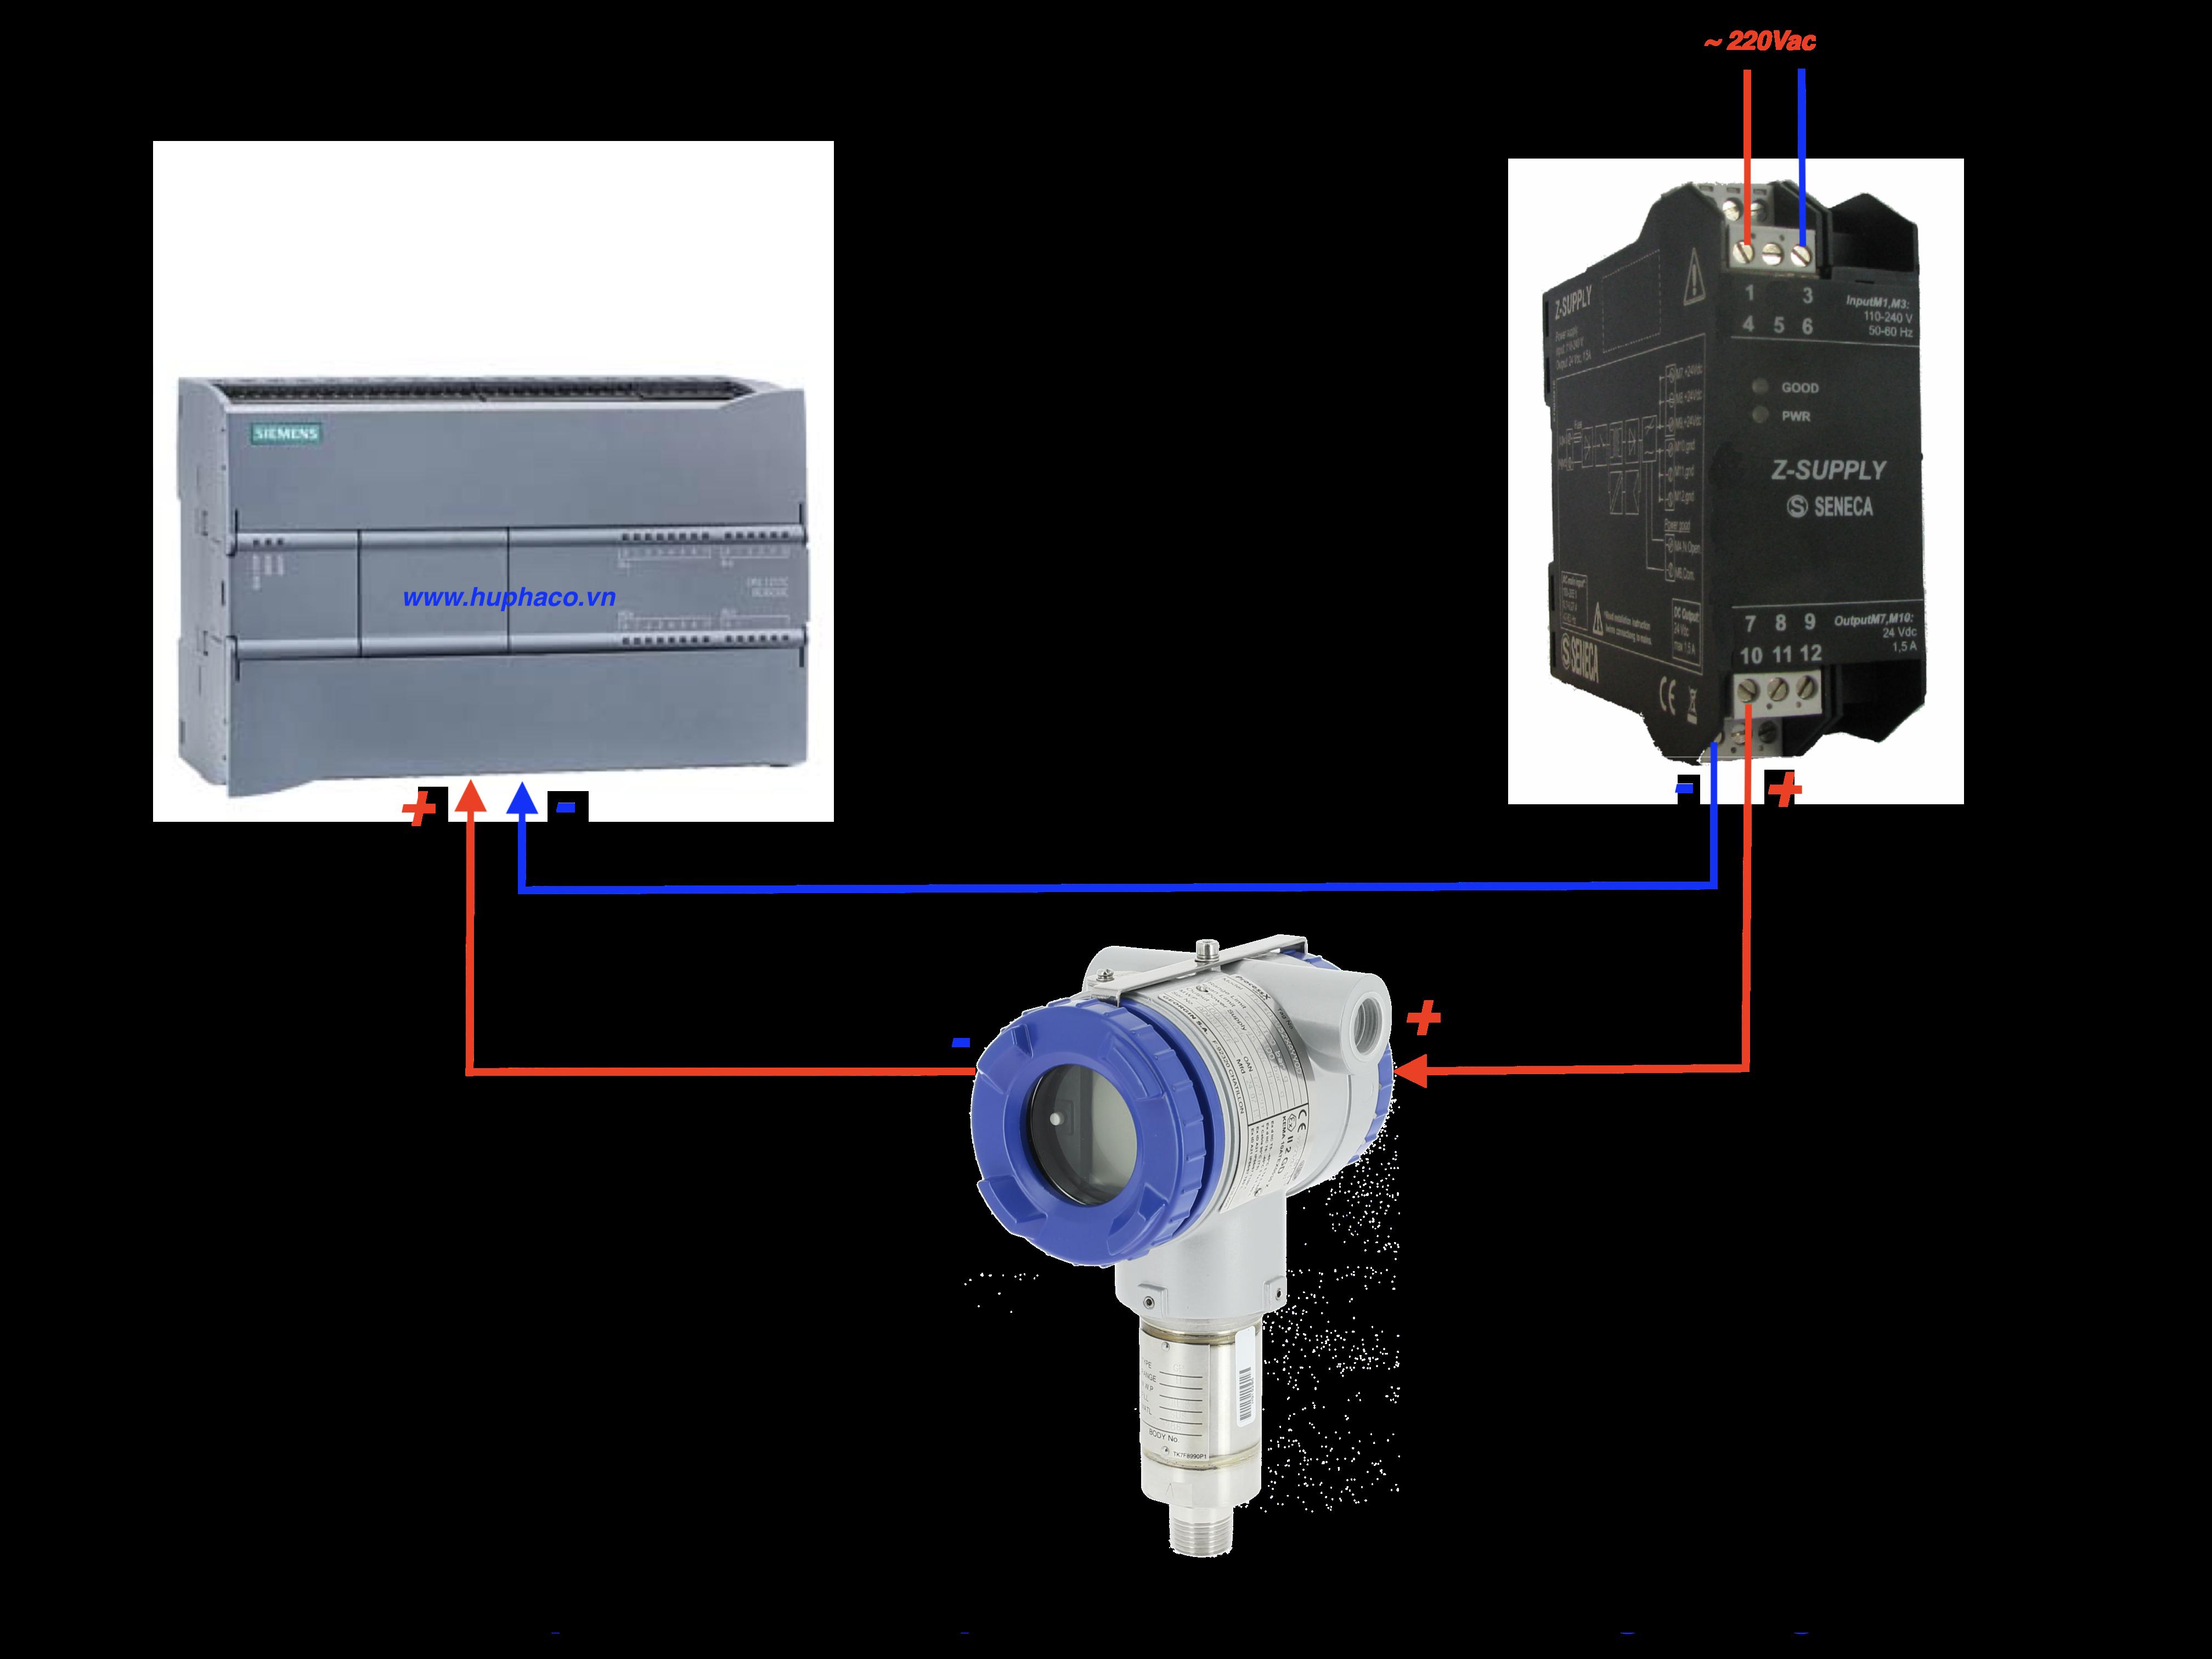 cách kết nối cảm biến áp suất 4-20mA với nguồn PLC nguồn ngoài 24Vdc